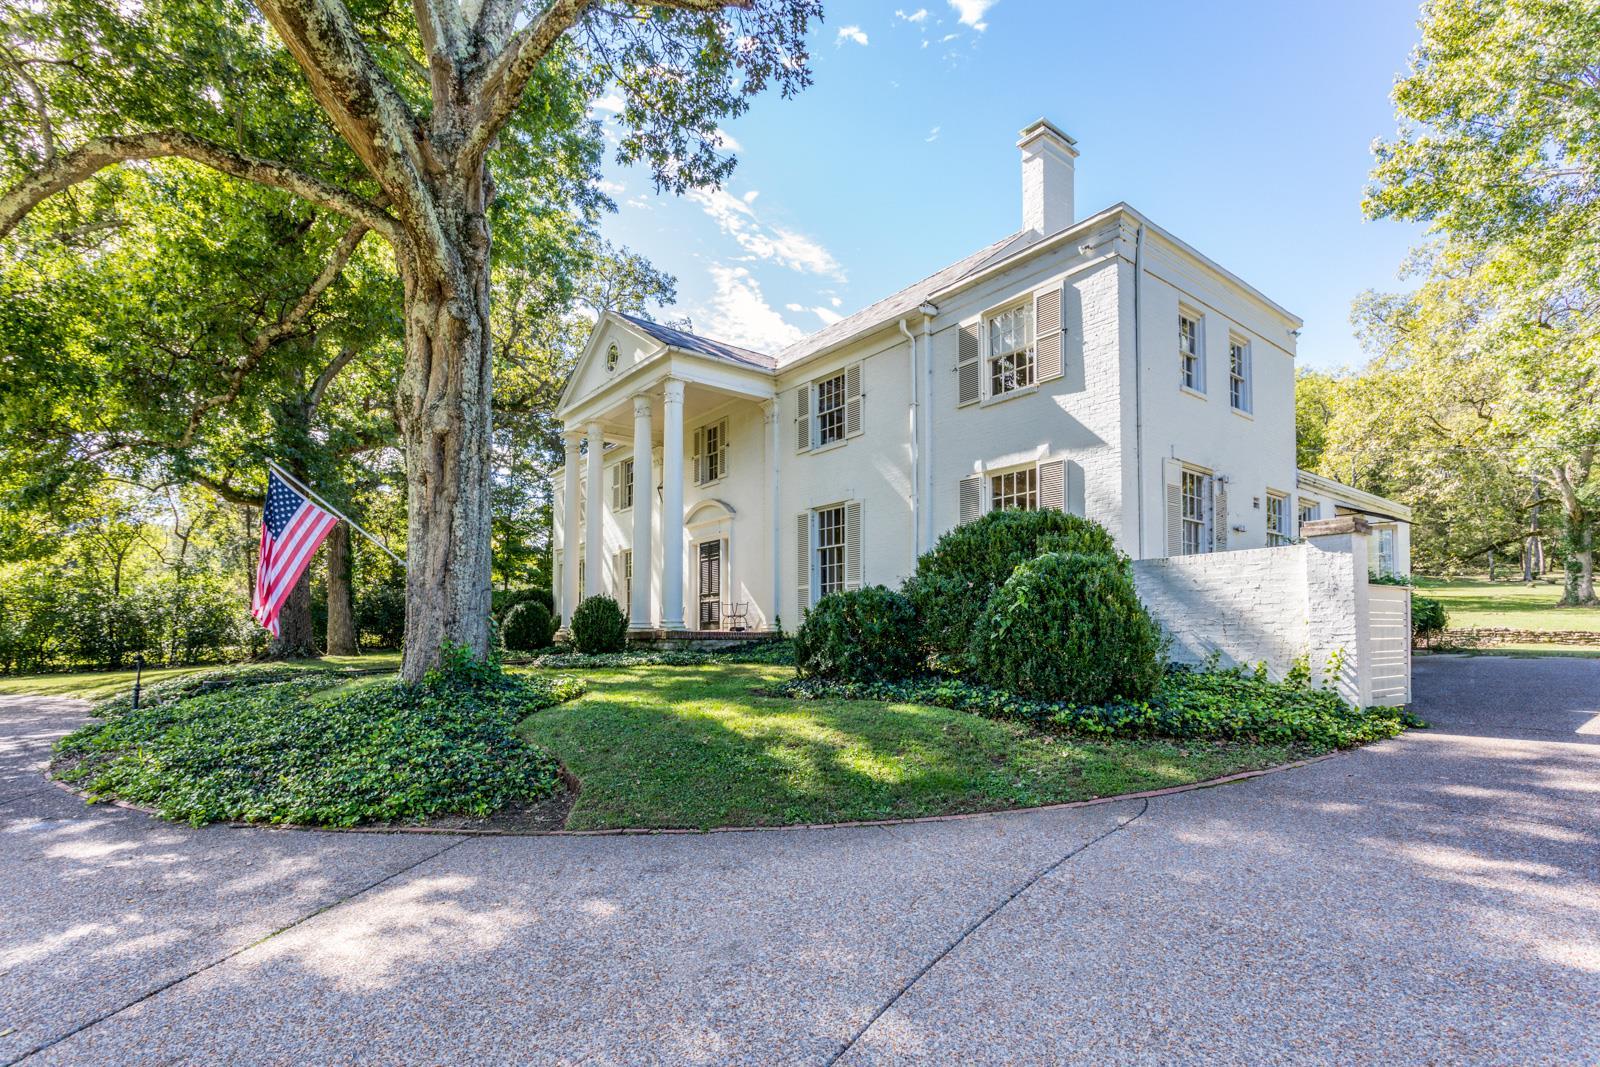 1317 Chickering Rd, Nashville, TN 37215 - Nashville, TN real estate listing